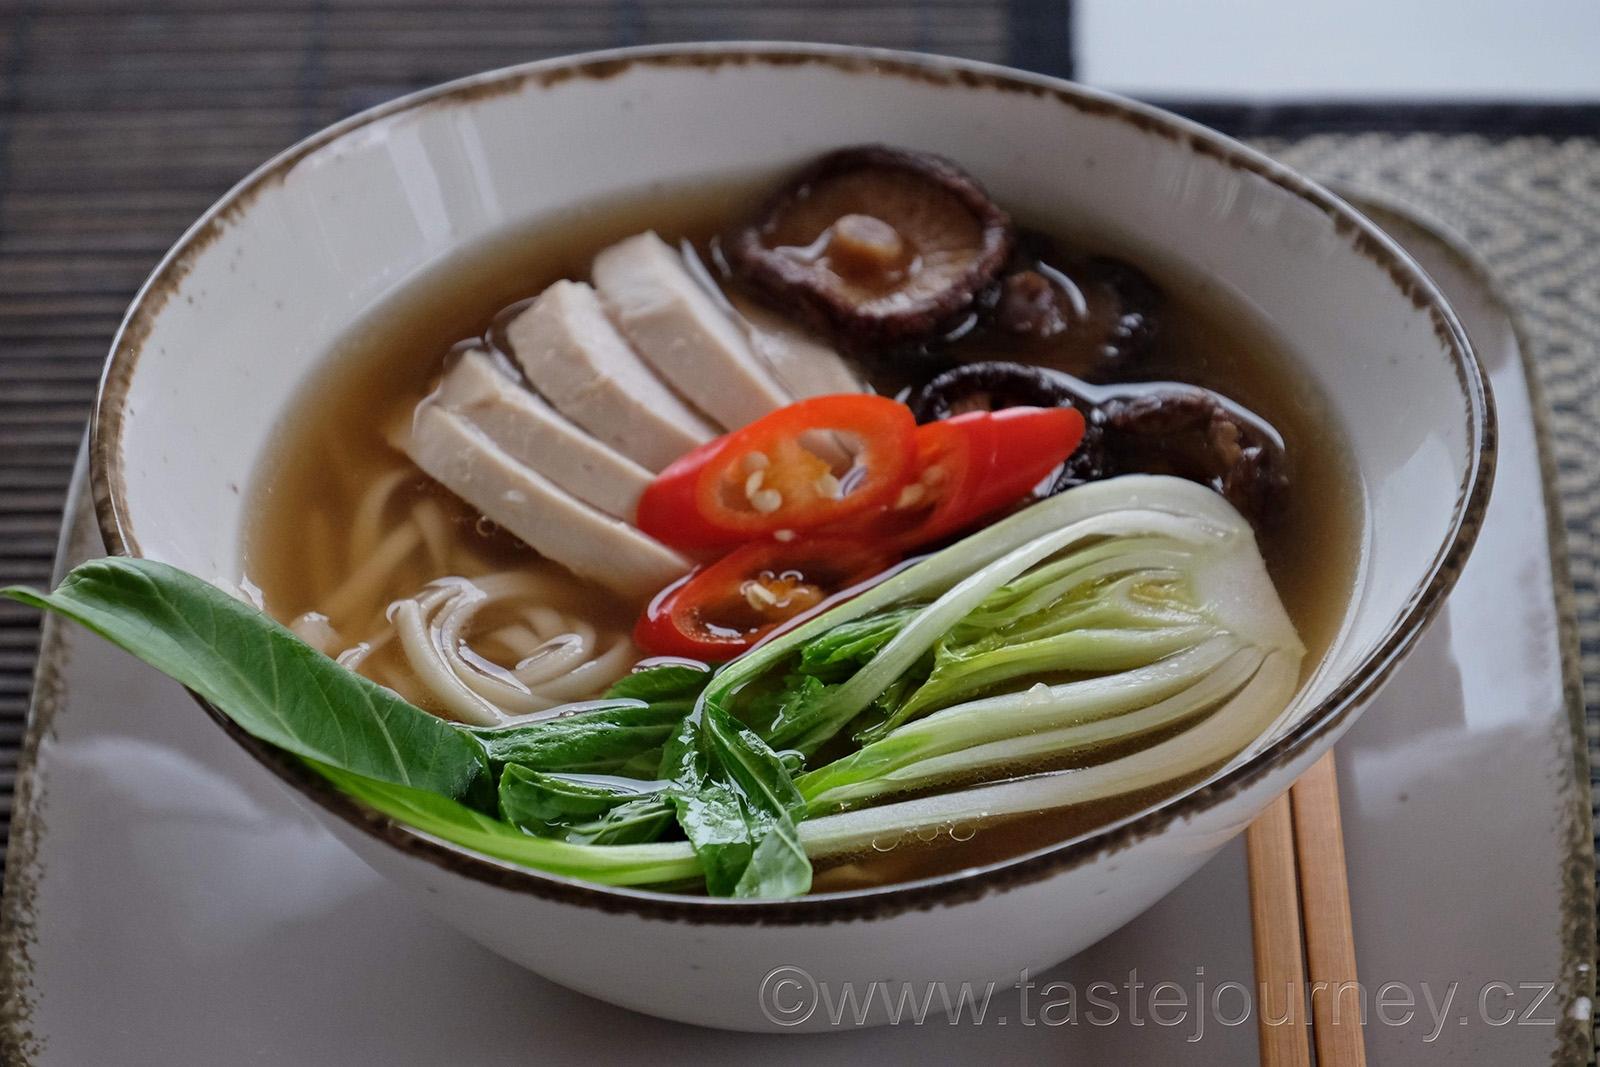 Silný a aromatický je kuřecí vývar s asijským dotekem